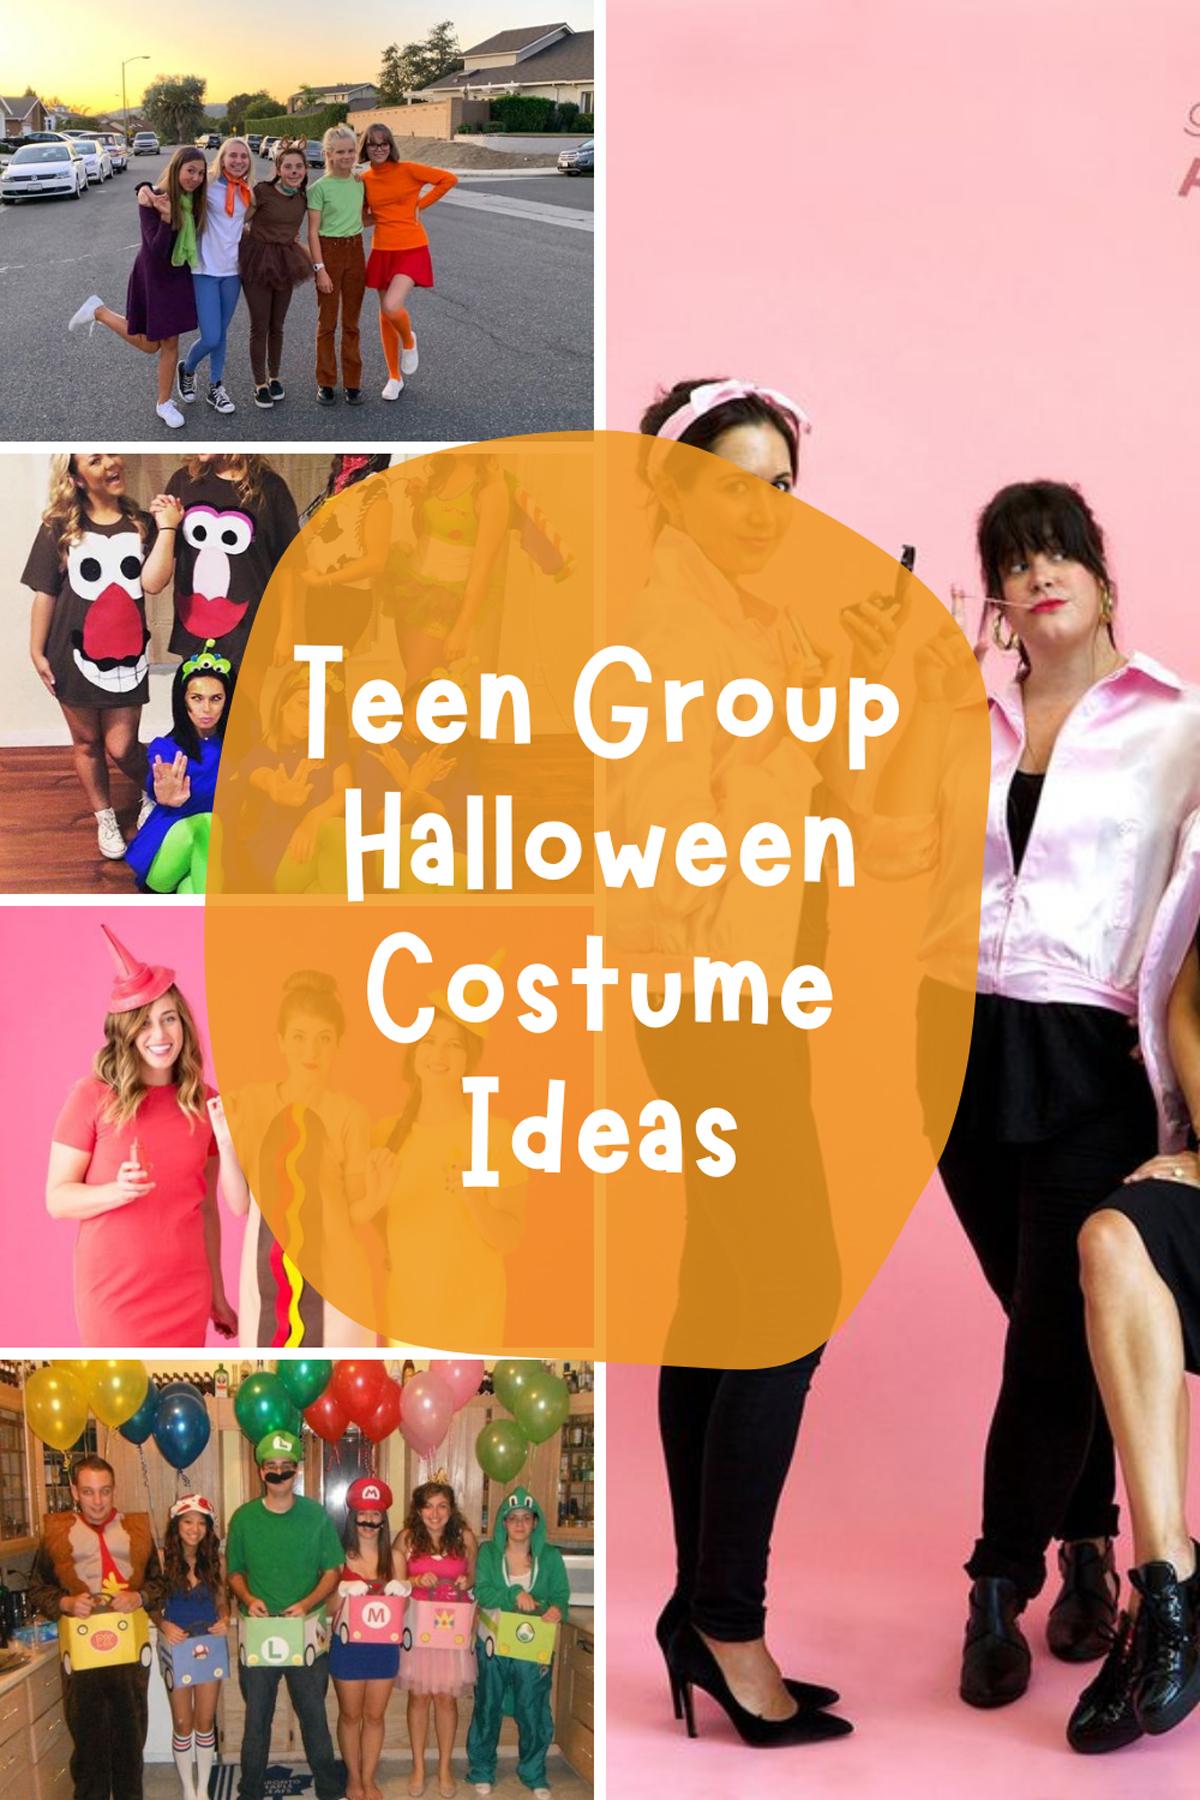 Teen Group Halloween Costume Ideas